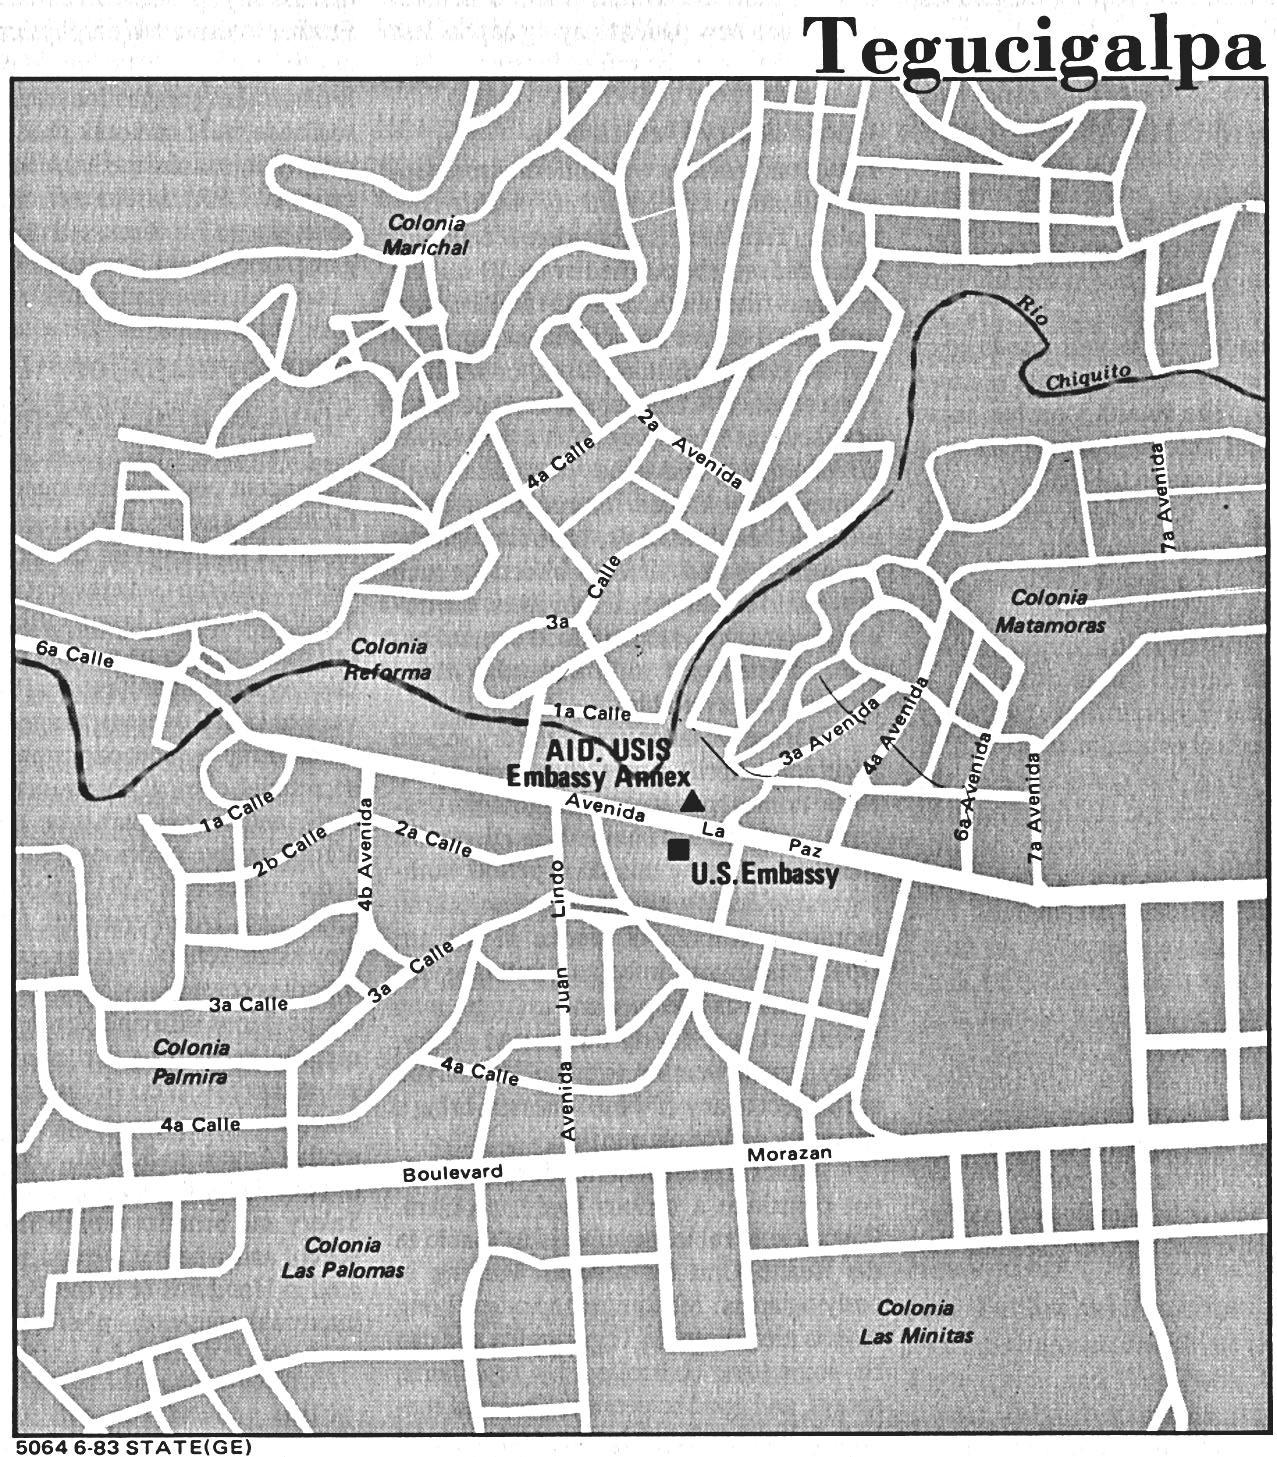 Tegucigalpa City Map